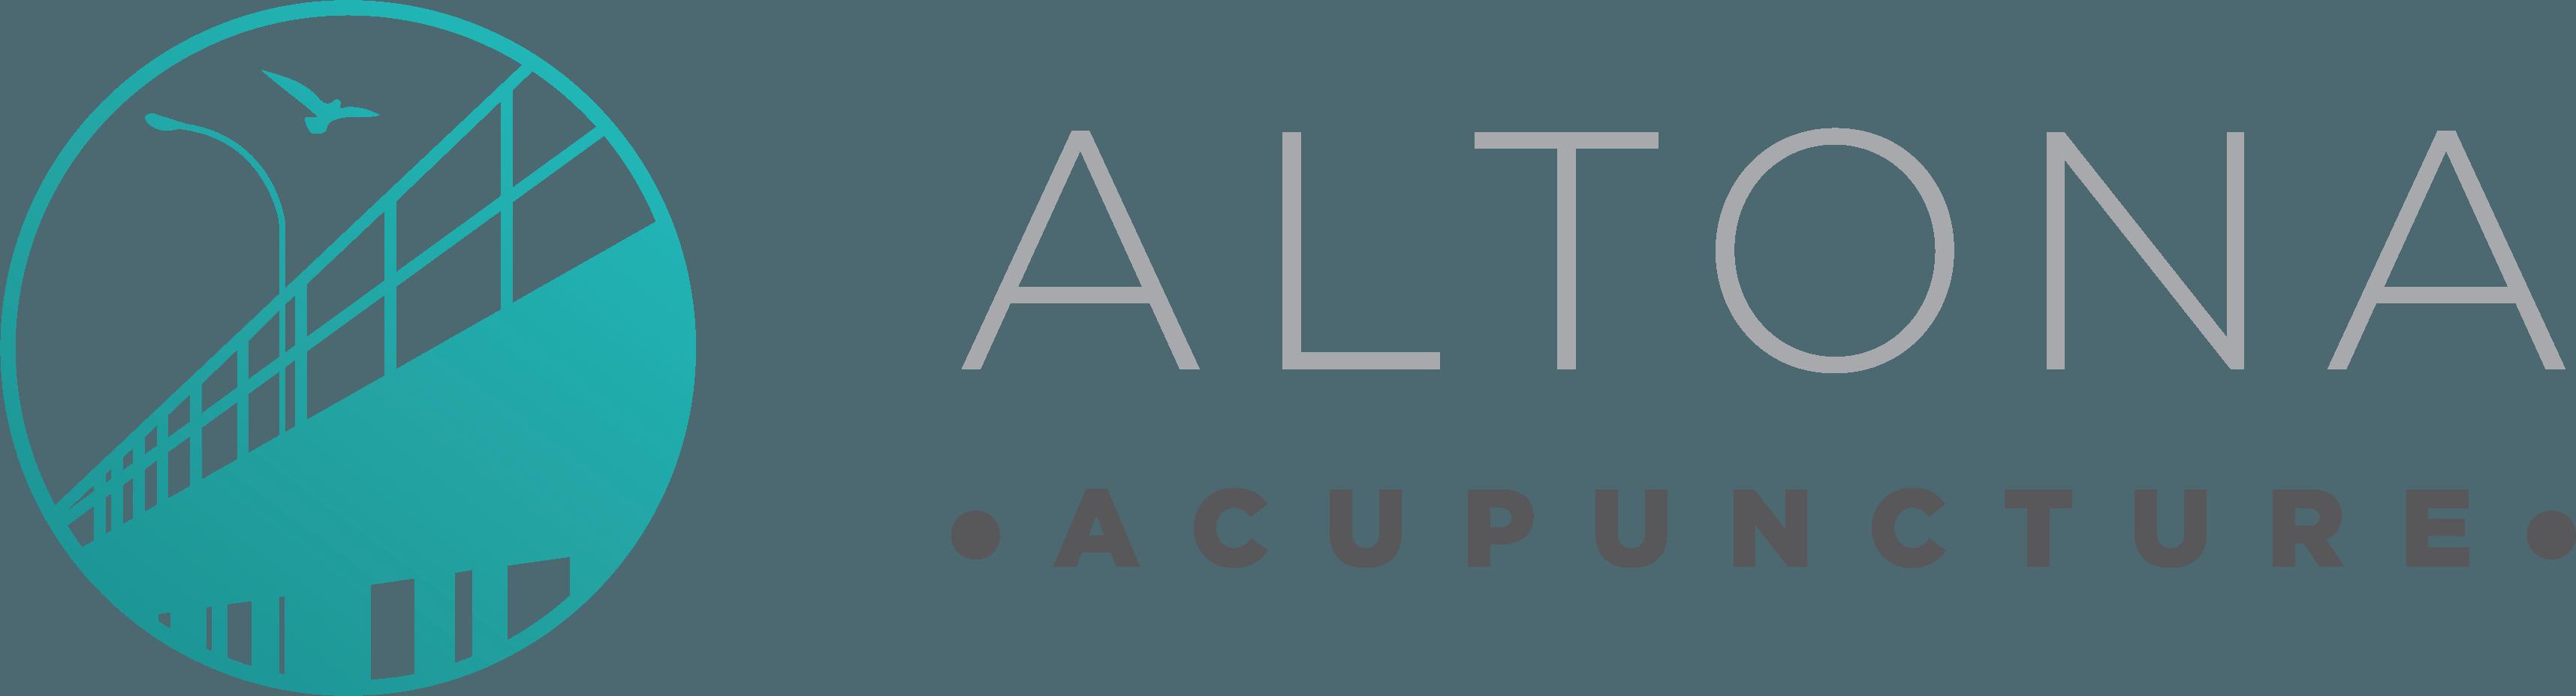 Altona Acupuncture